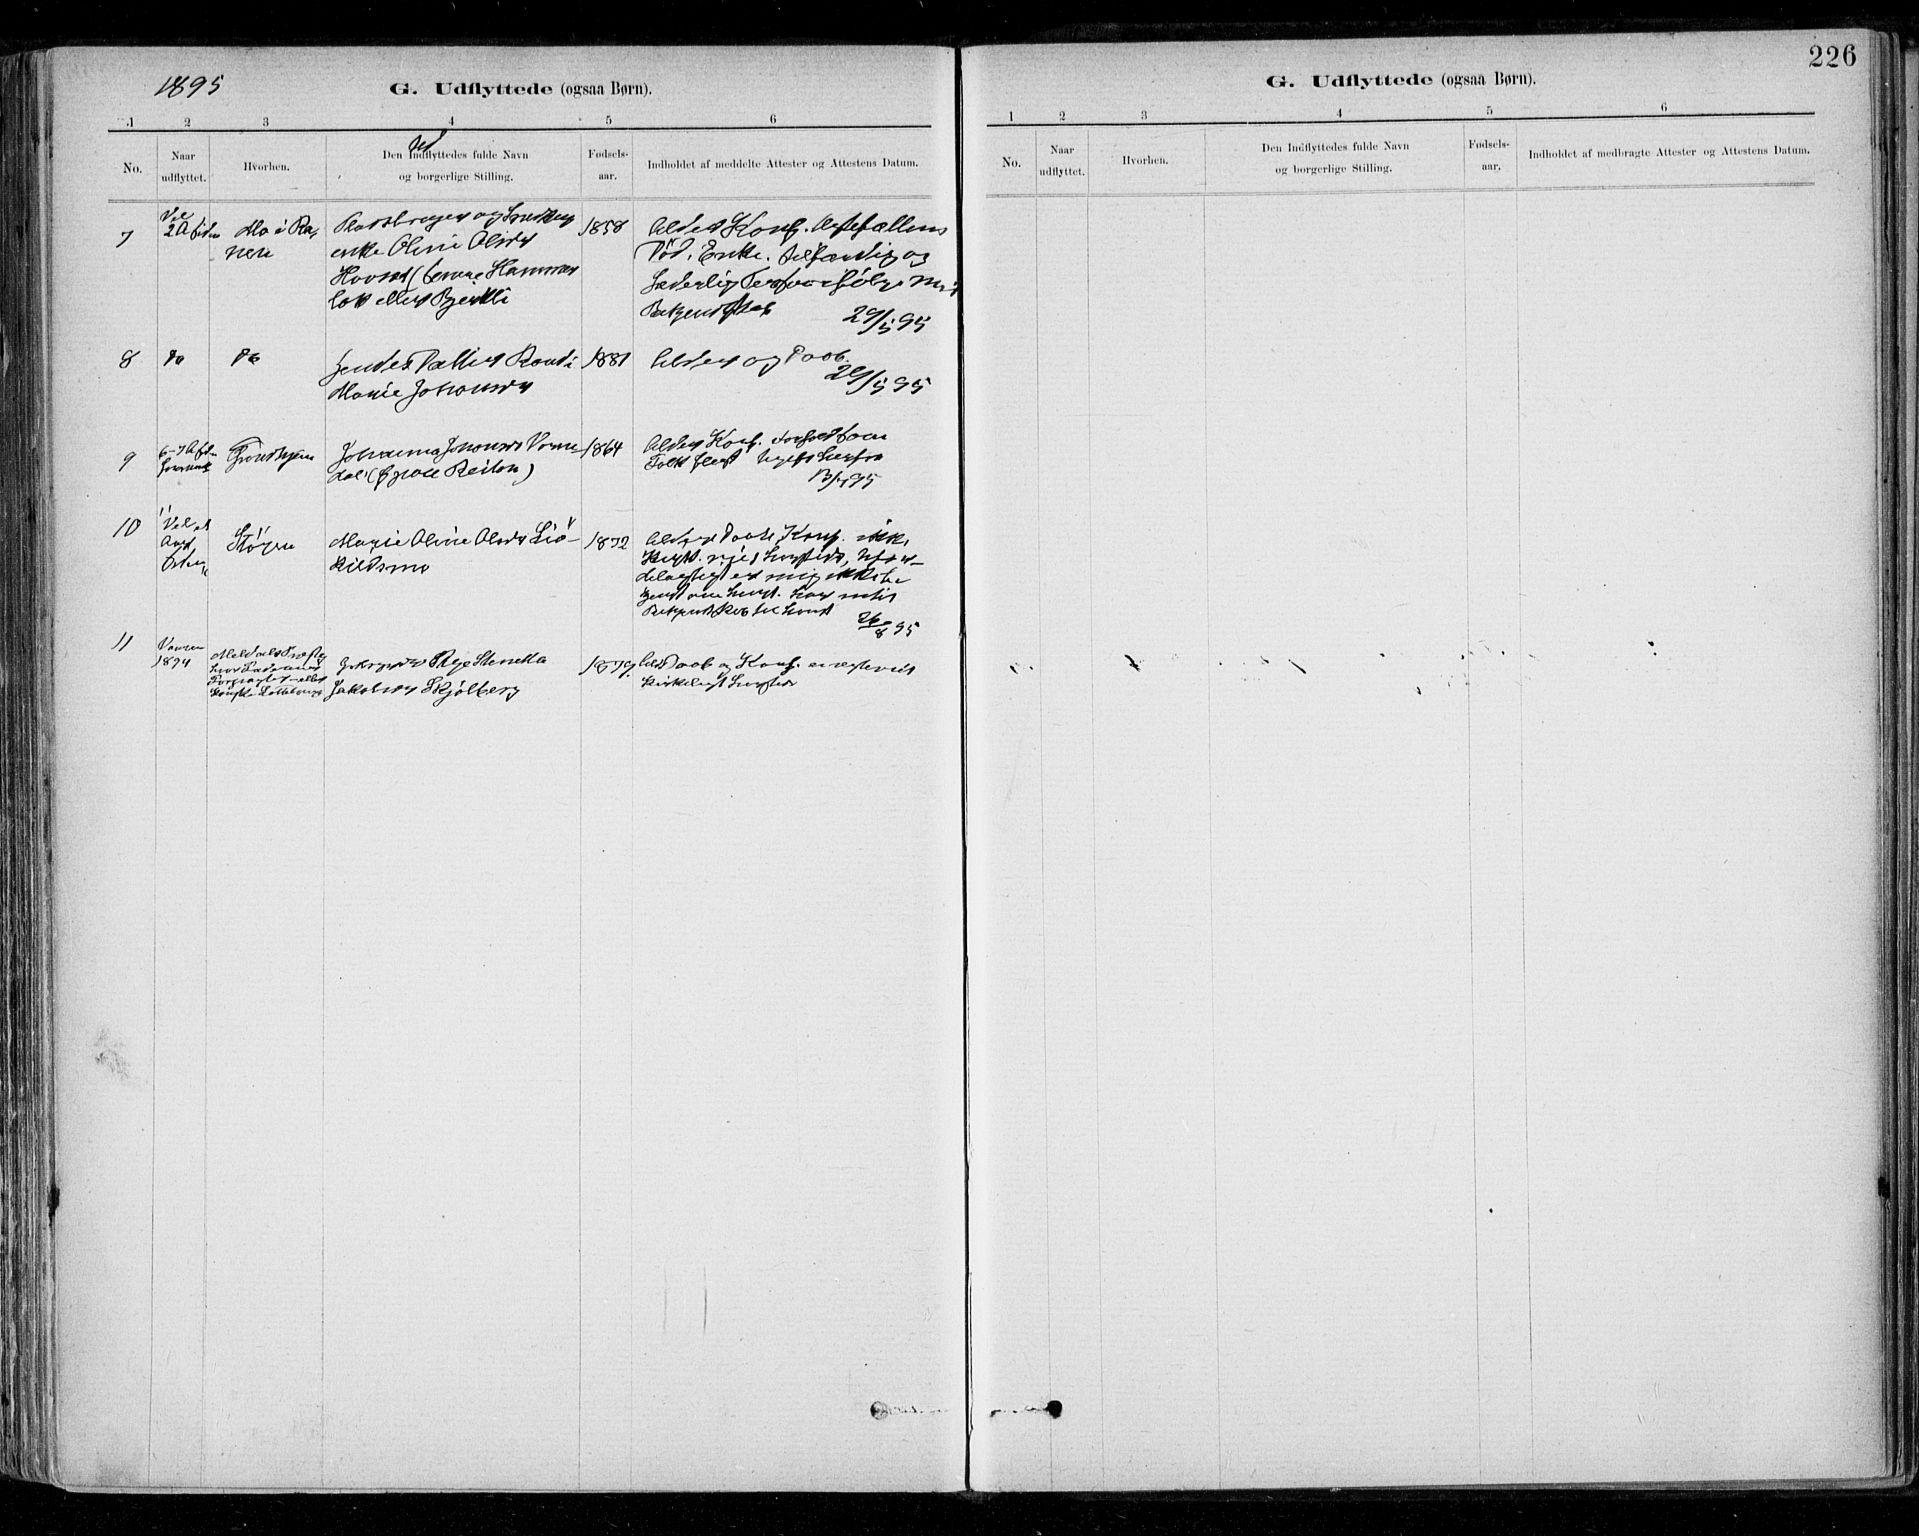 SAT, Ministerialprotokoller, klokkerbøker og fødselsregistre - Sør-Trøndelag, 668/L0810: Ministerialbok nr. 668A10, 1881-1894, s. 226